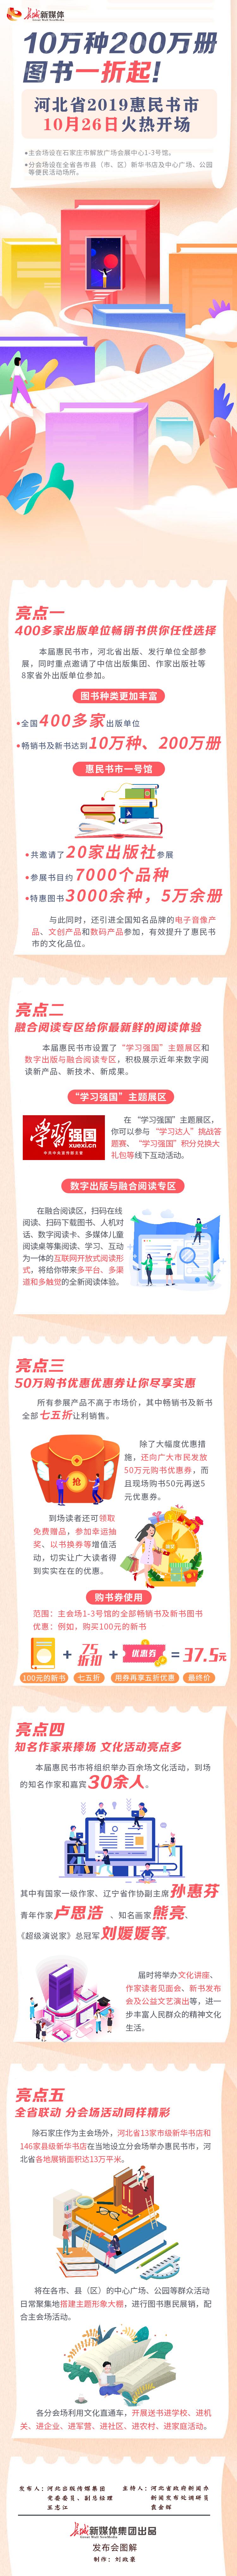 【发布会图解】10万种200万册图书一折起!河北省